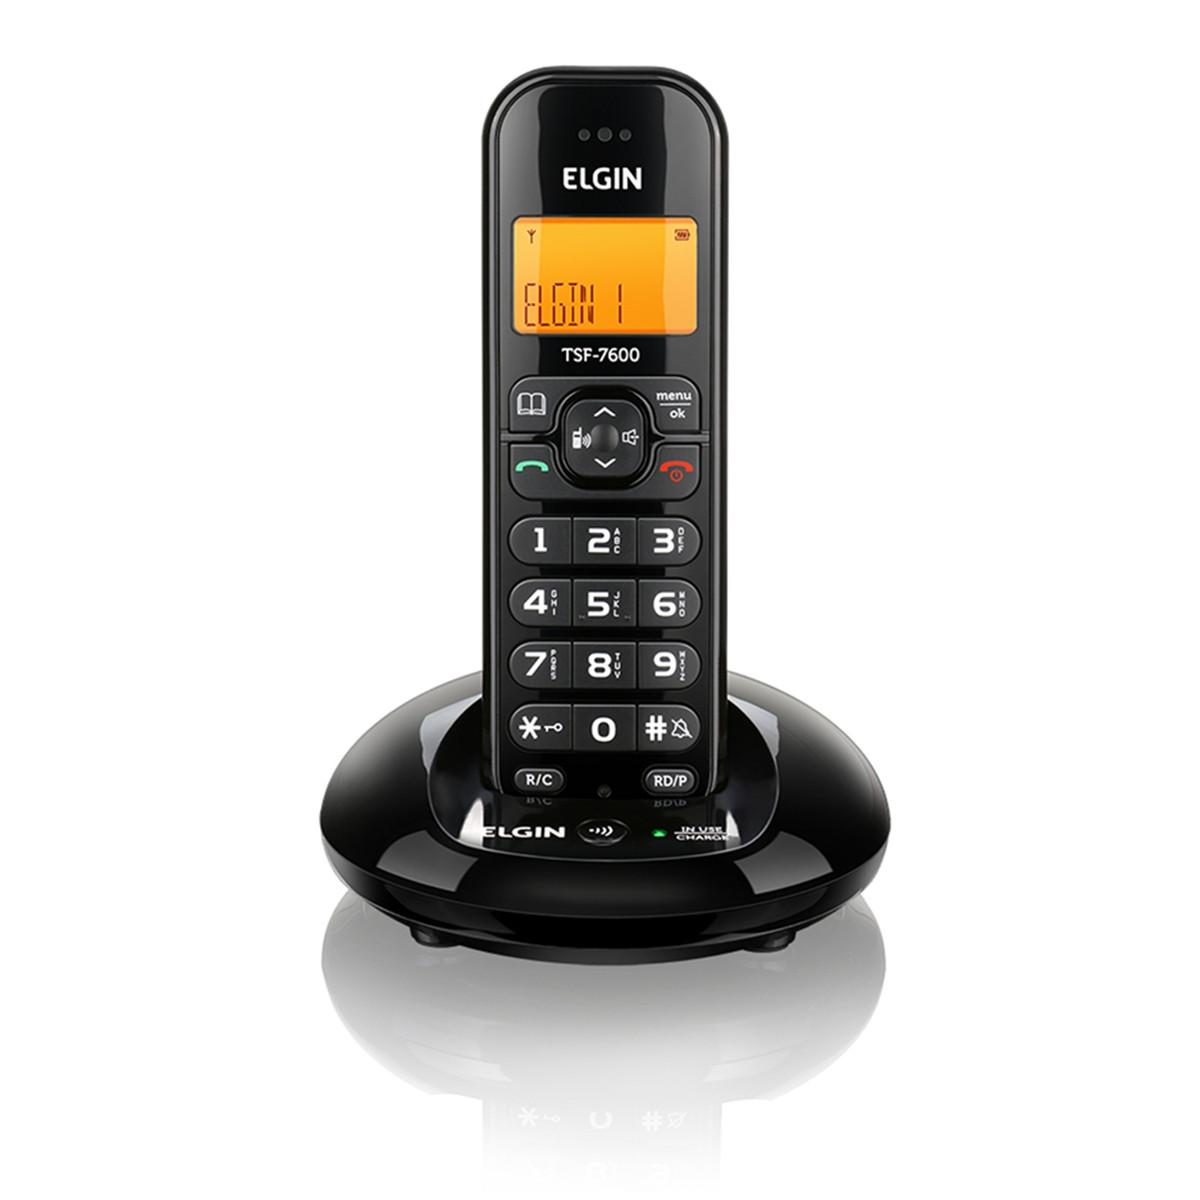 Telefone Sem Fio Elgin TSF 7600 com Identificador de Chamada e Viva Voz | Preto